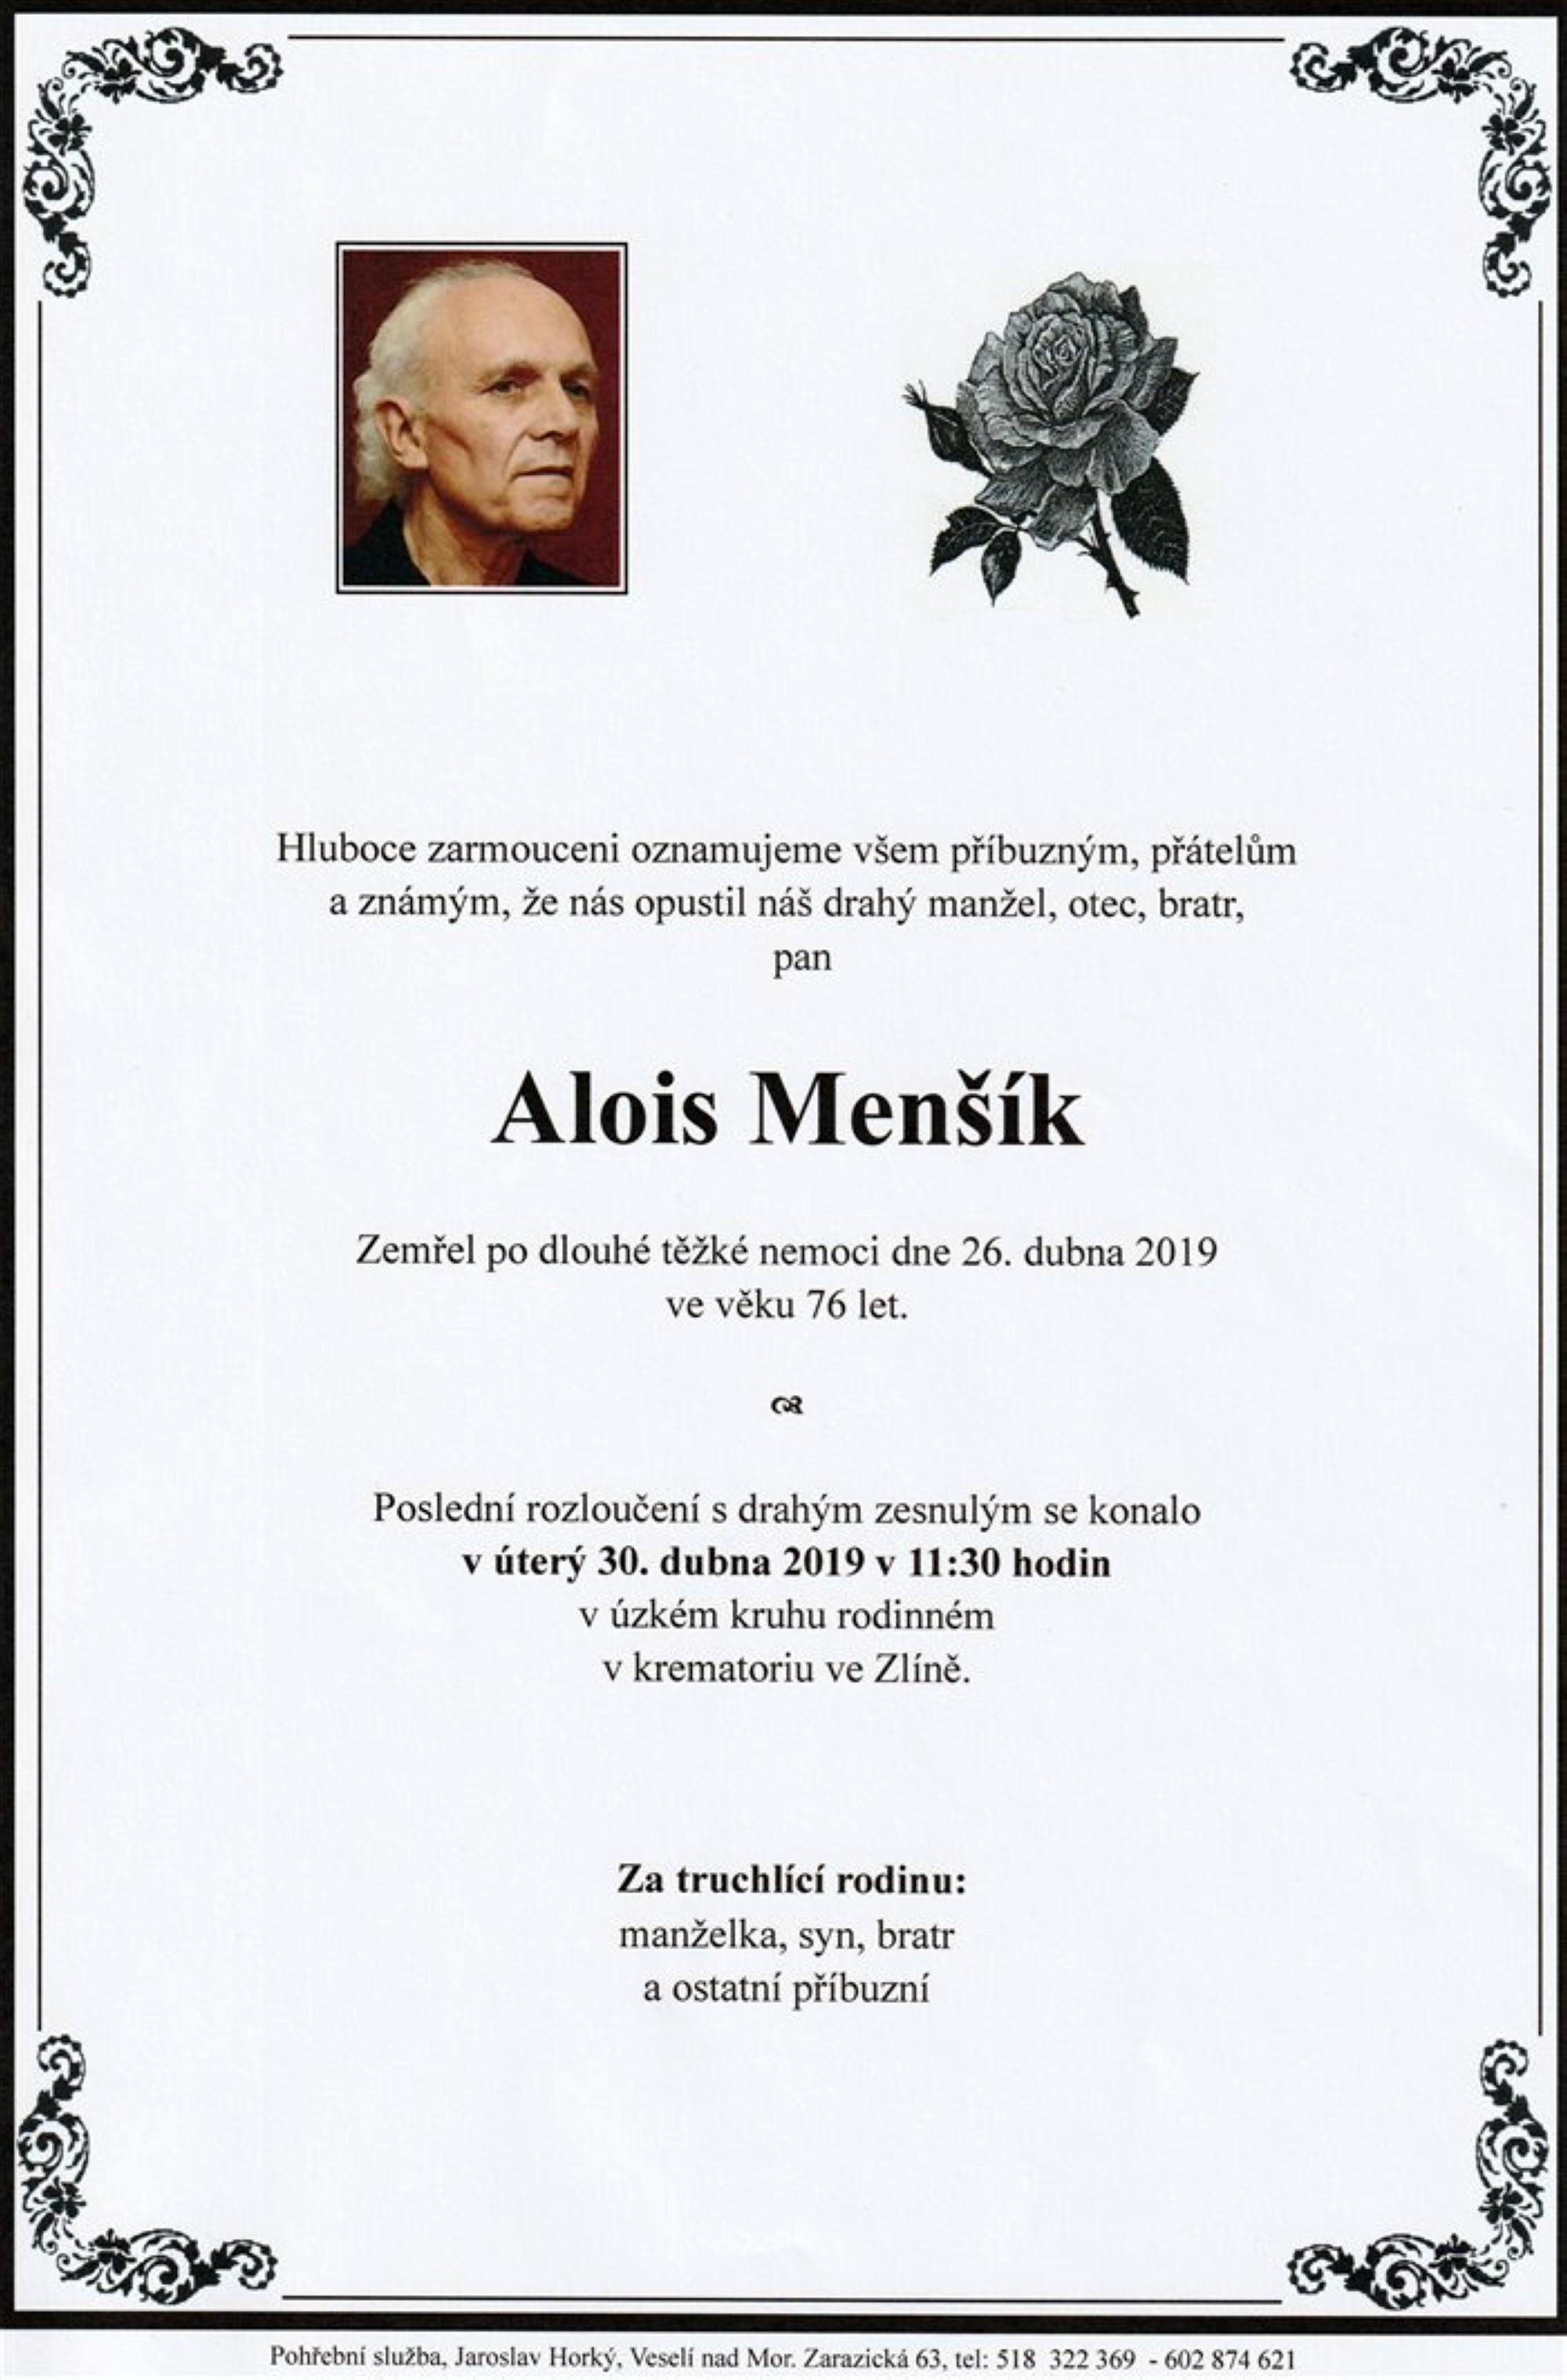 Alois Menšík